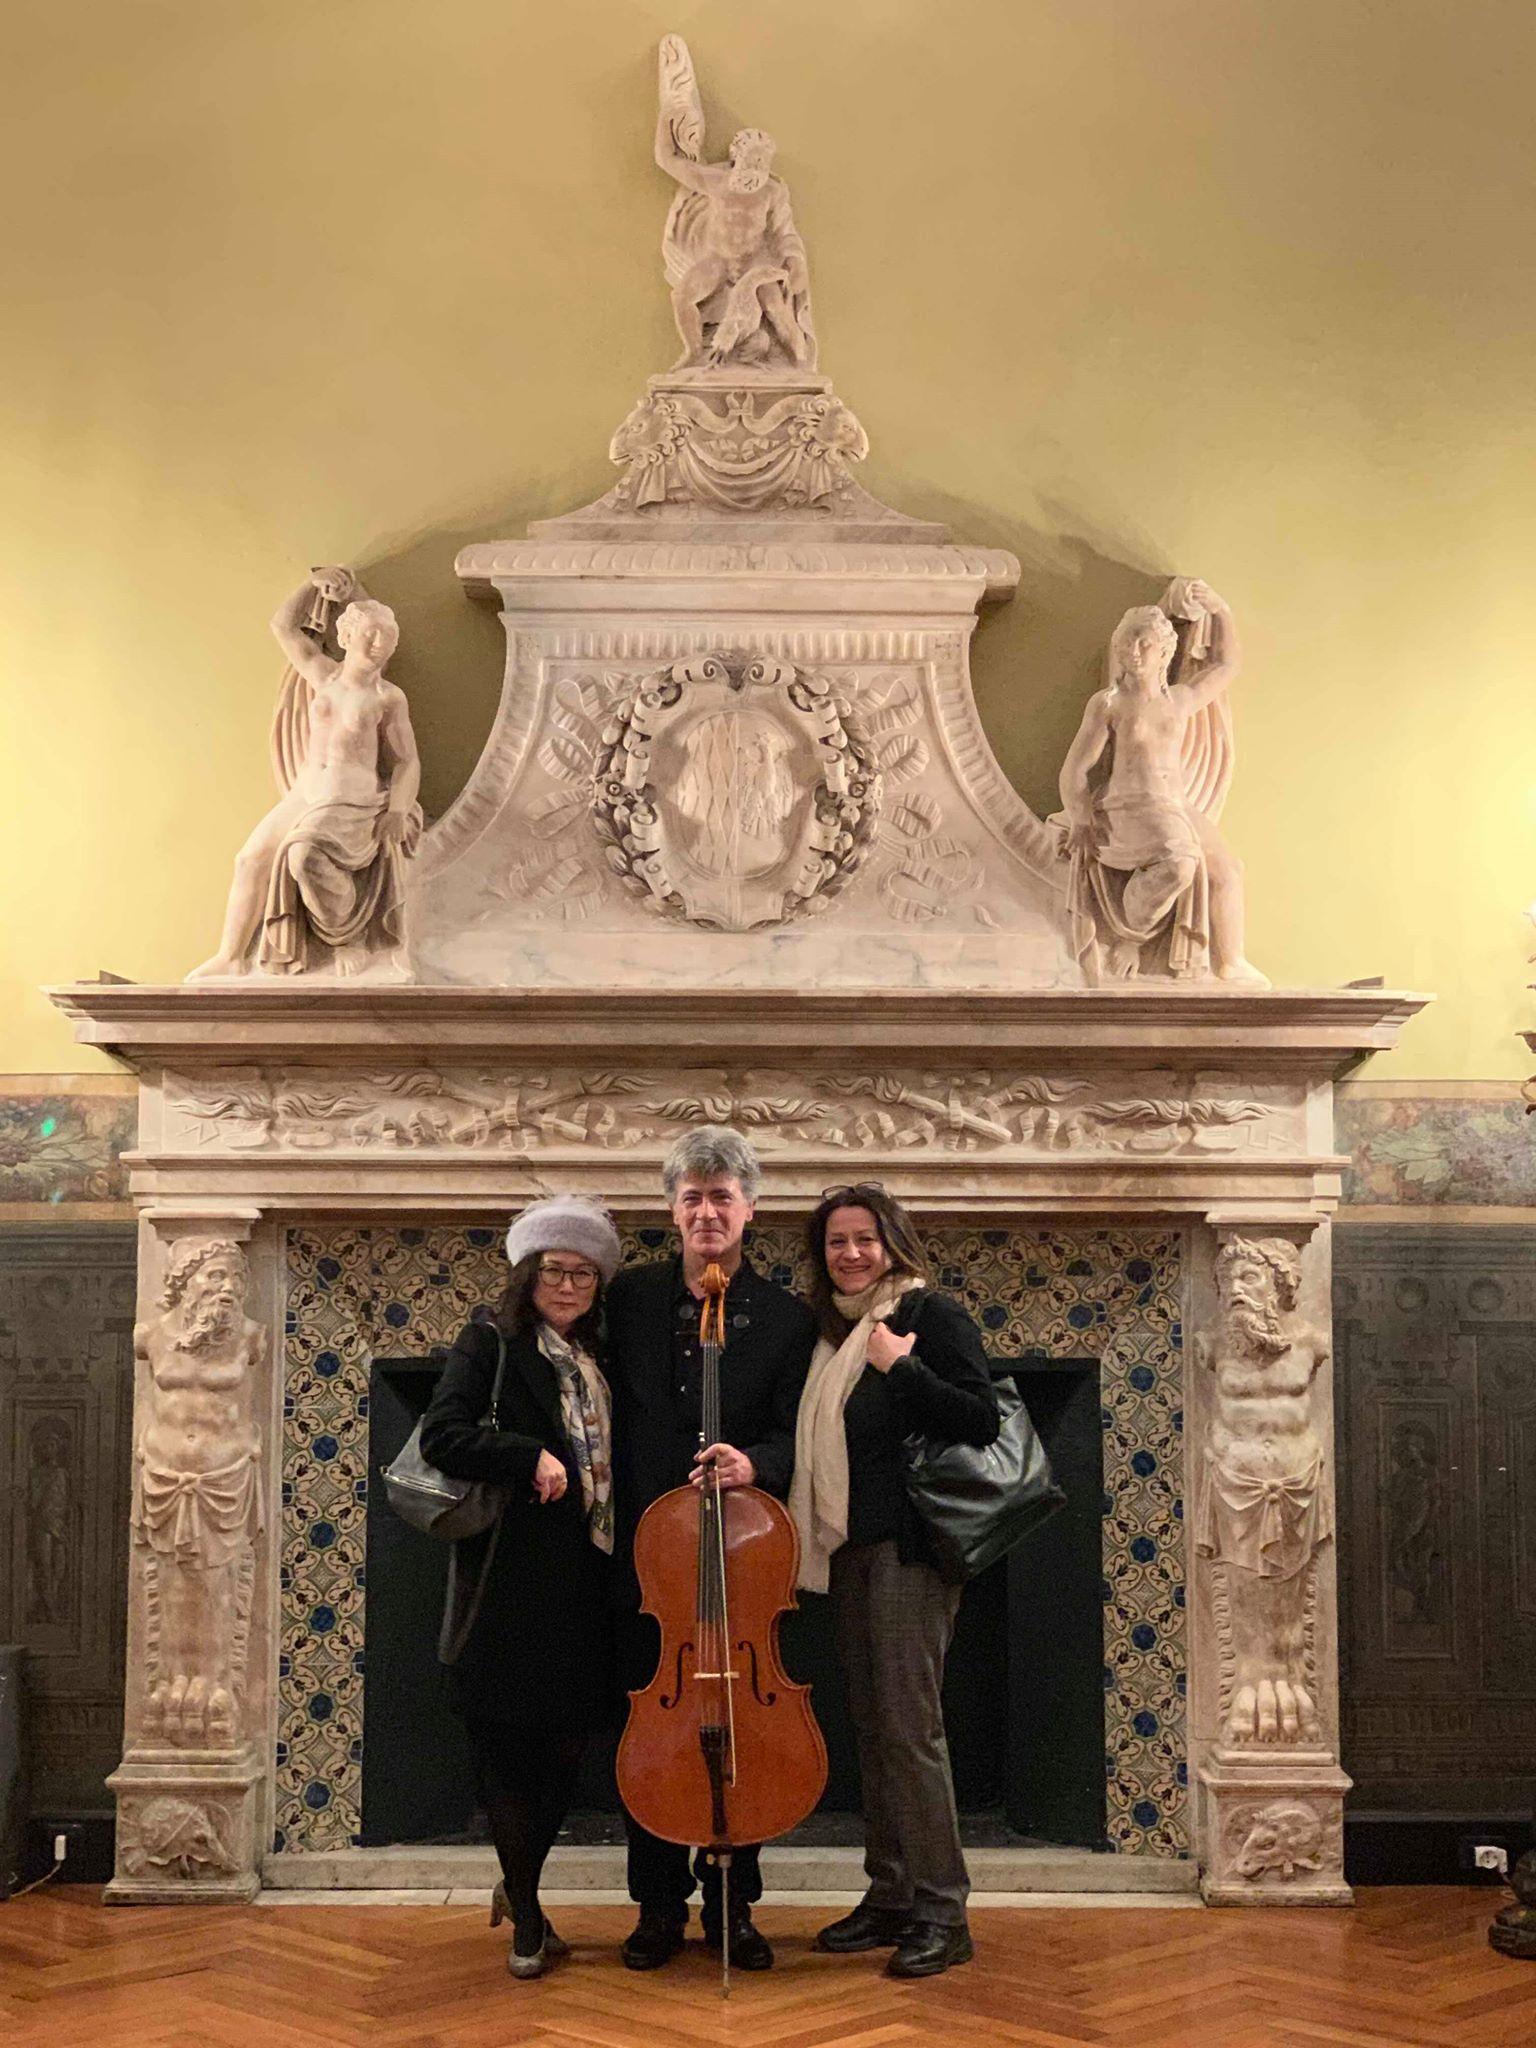 ©Lynn Czae, Giovanni Ricciardi and Carla Magnan. Palazzo della Meridiana, Genova, 2020